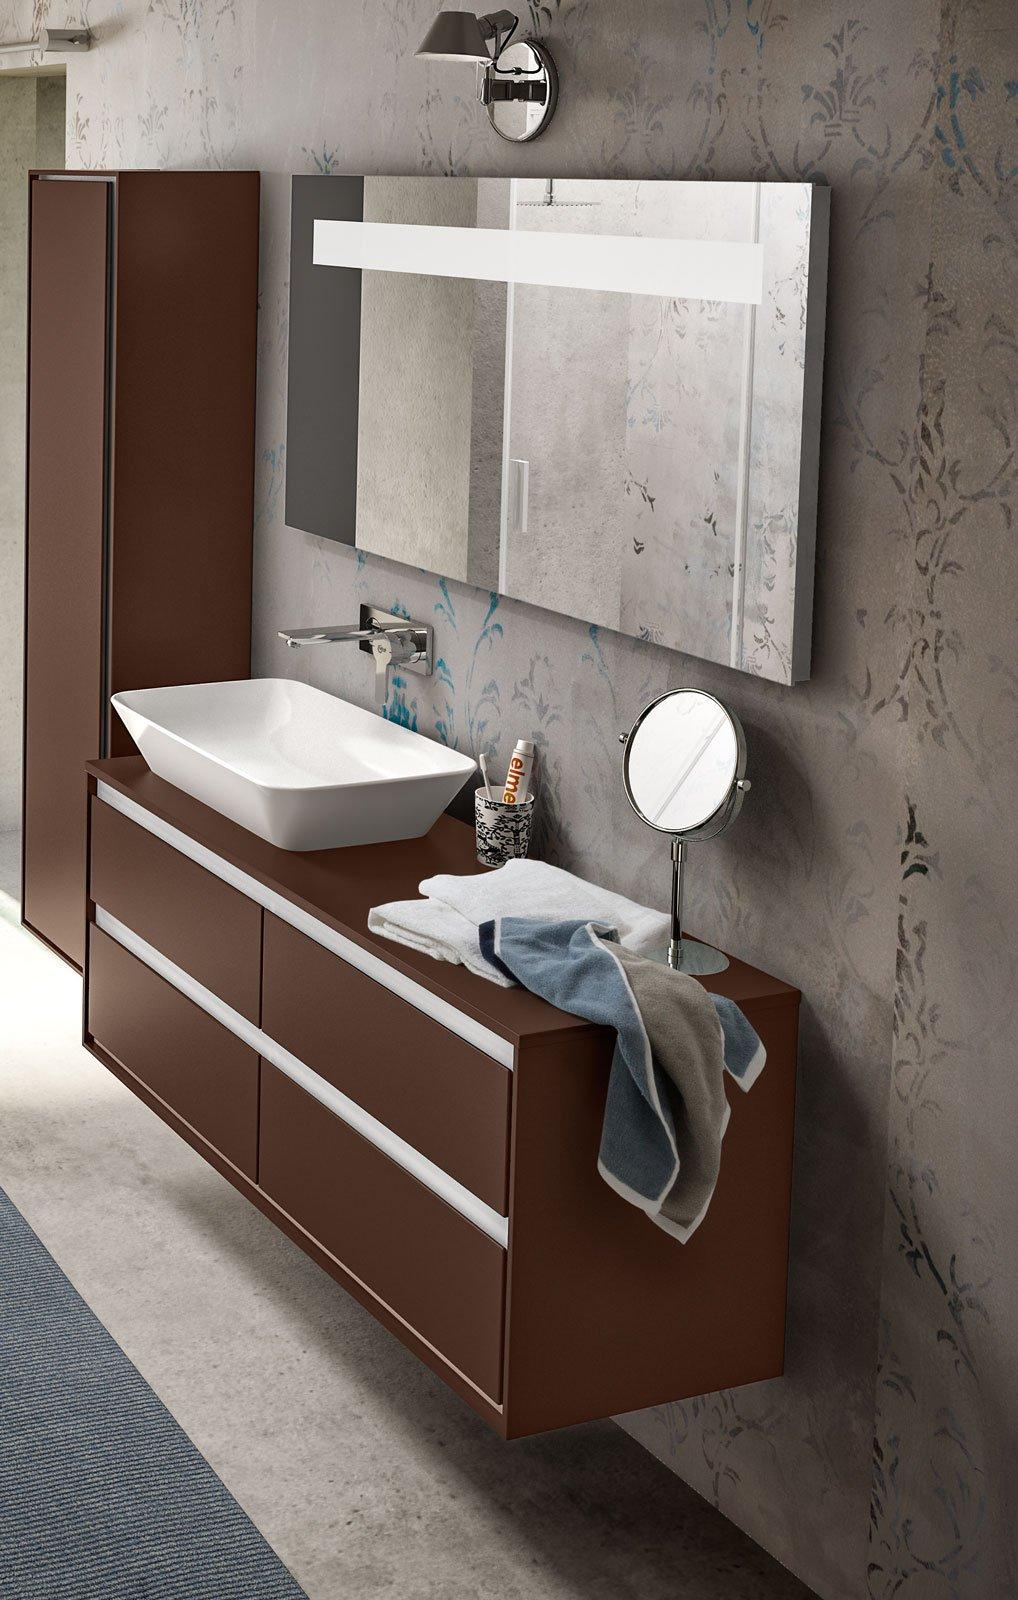 Ristrutturare il bagno di casa con la detrazione fiscale for Detrazione per arredamento